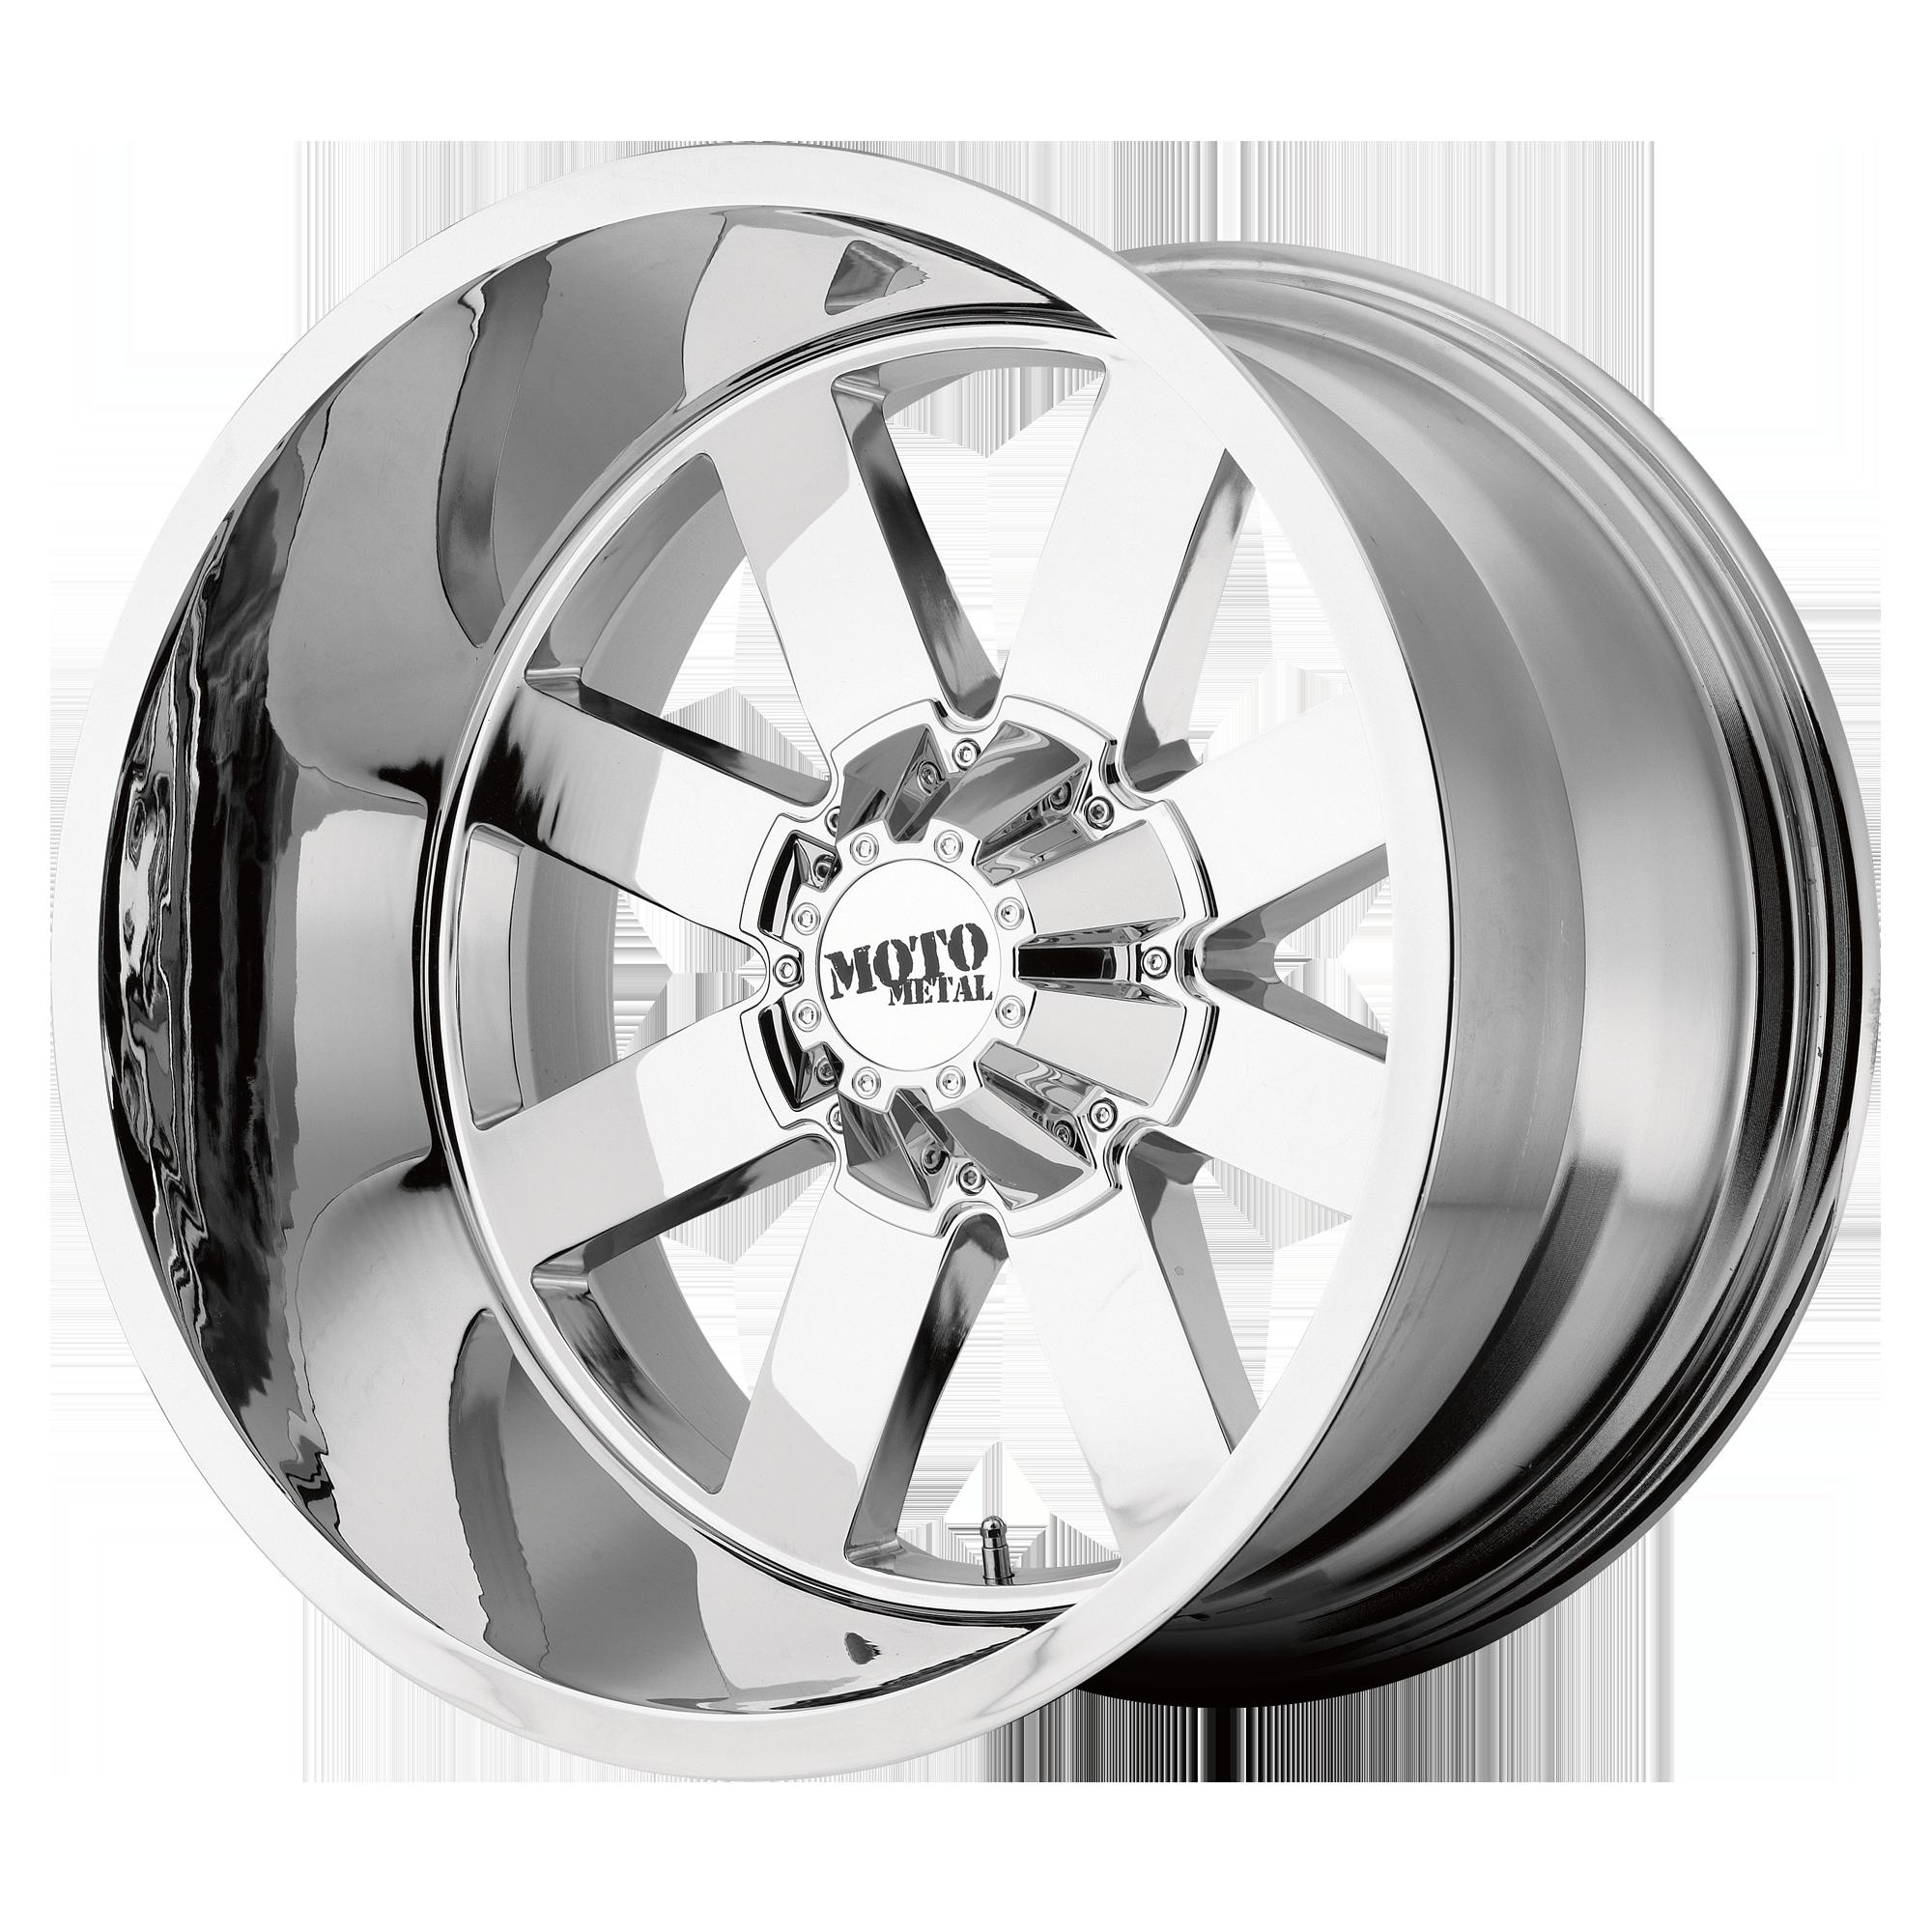 MOTO METAL MO962 hliníkové disky 10x22 8x165,1 ET-18 Chrome